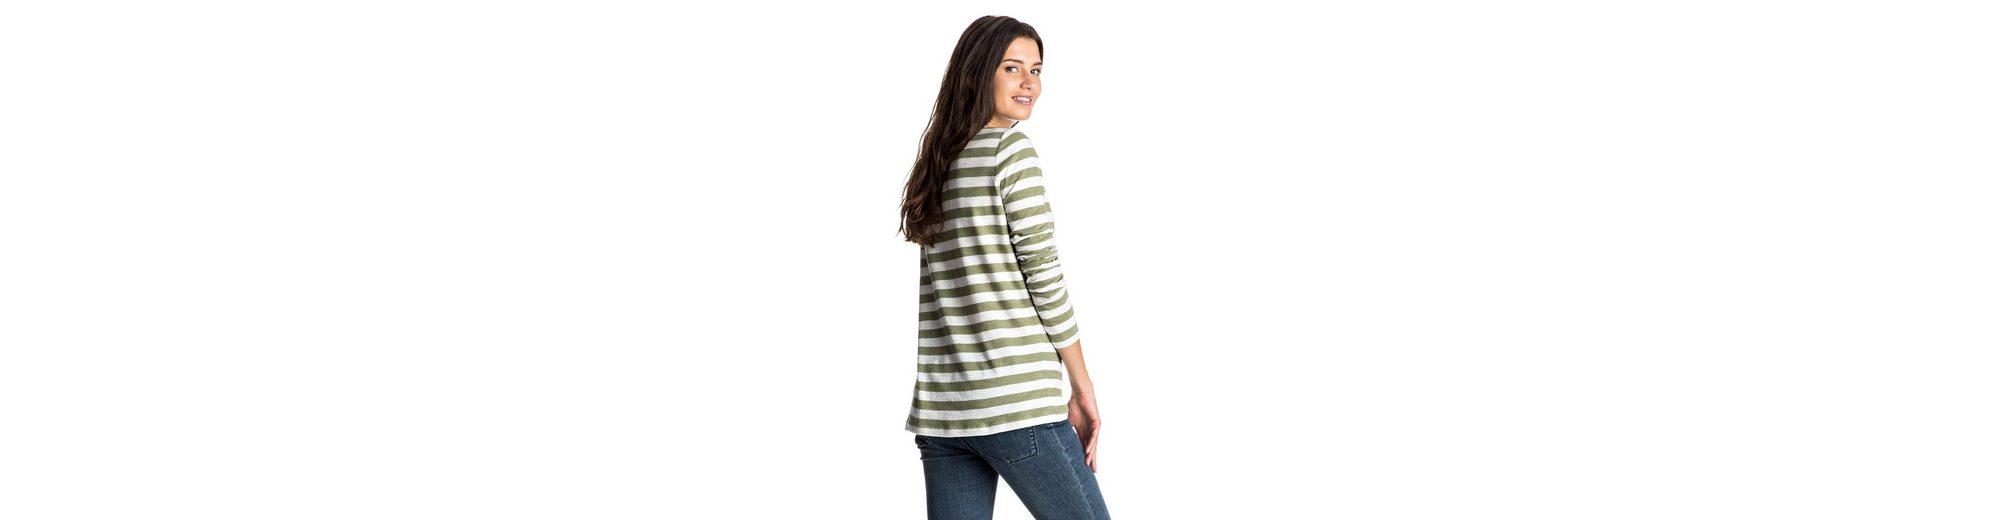 Roxy Longsleeve Zarauz Beat Stripes - Longsleeve Perfekte Online-Verkauf Ausgang Wählen Eine Beste Rabatt Geniue Händler Neu Zu Verkaufen 6r6Wb4JK